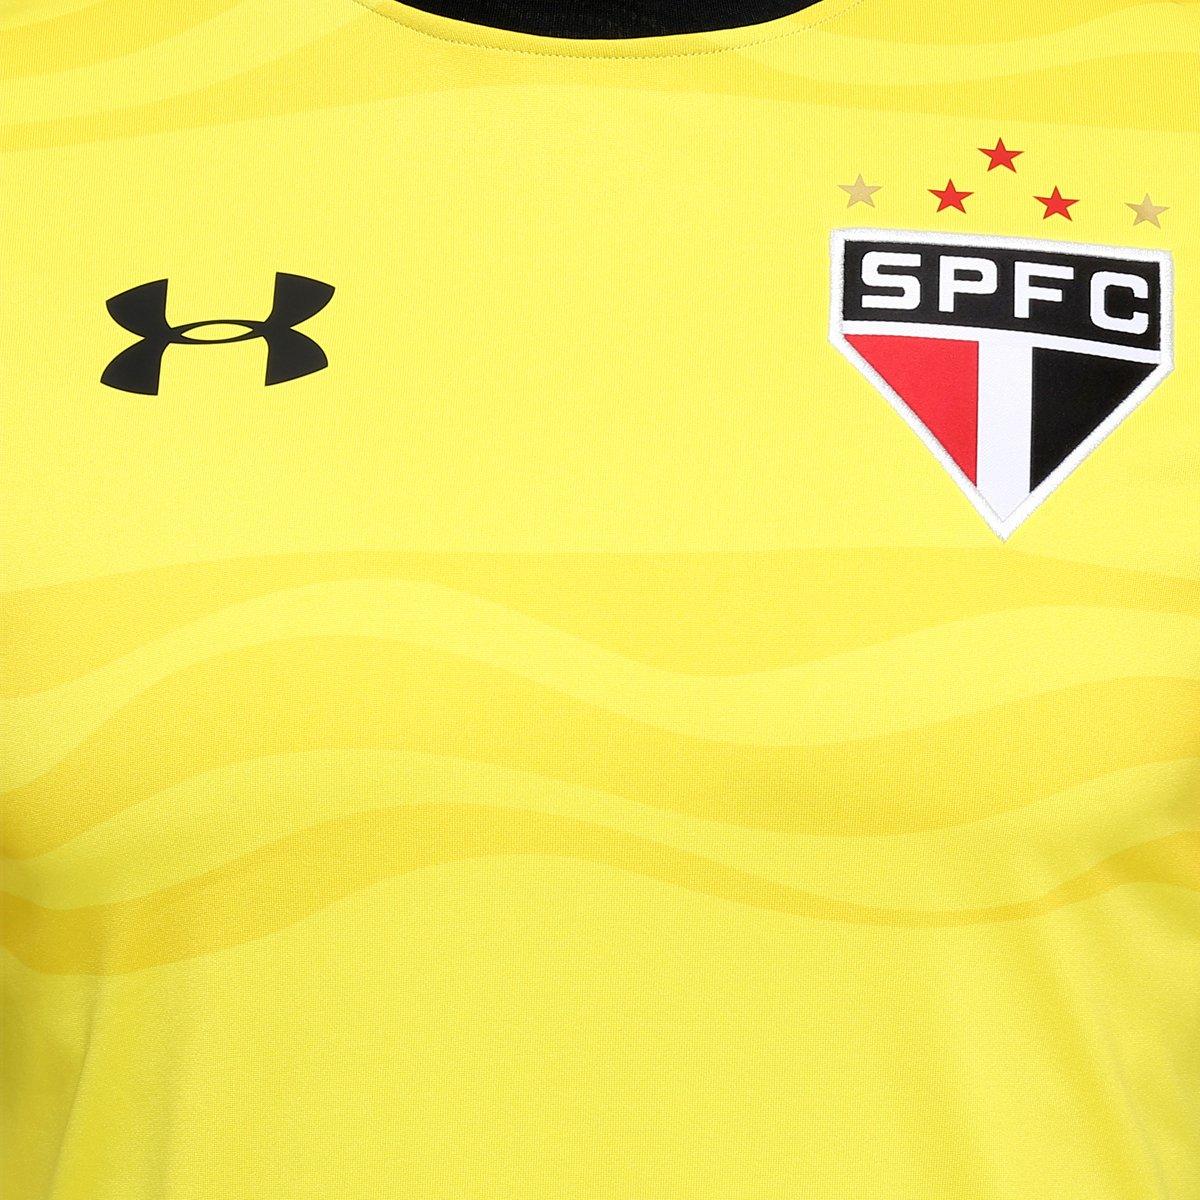 49c059276 Camisa São Paulo III 16/17 s/nº Torcedor Under Armour Masculina | Livelo  -Sua Vida com Mais Recompensas